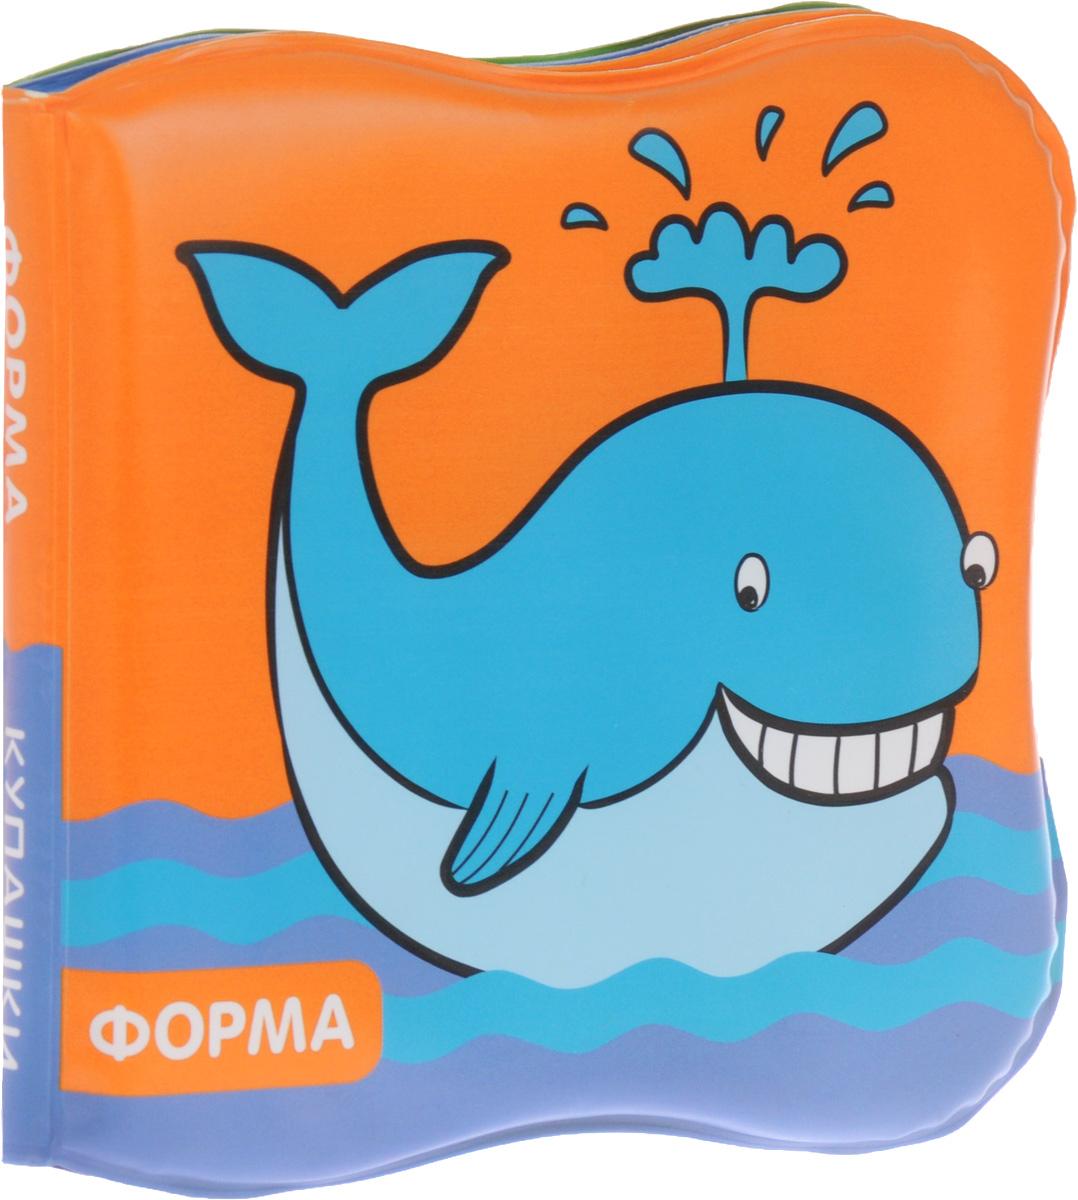 Мозаика-Синтез Книжка-игрушка Кит Форма978-5-4315-0596-6С книжкой Кит серии Купашки так приятно играть в воде! С ней купание станет не только полезной, но и веселой процедурой. Книжка не боится воды, она очень мягкая и приятная на ощупь, а еще издает забавный писк. Крупные, яркие картинки познакомят вашего малыша с квадратом, кругом и другими формами.